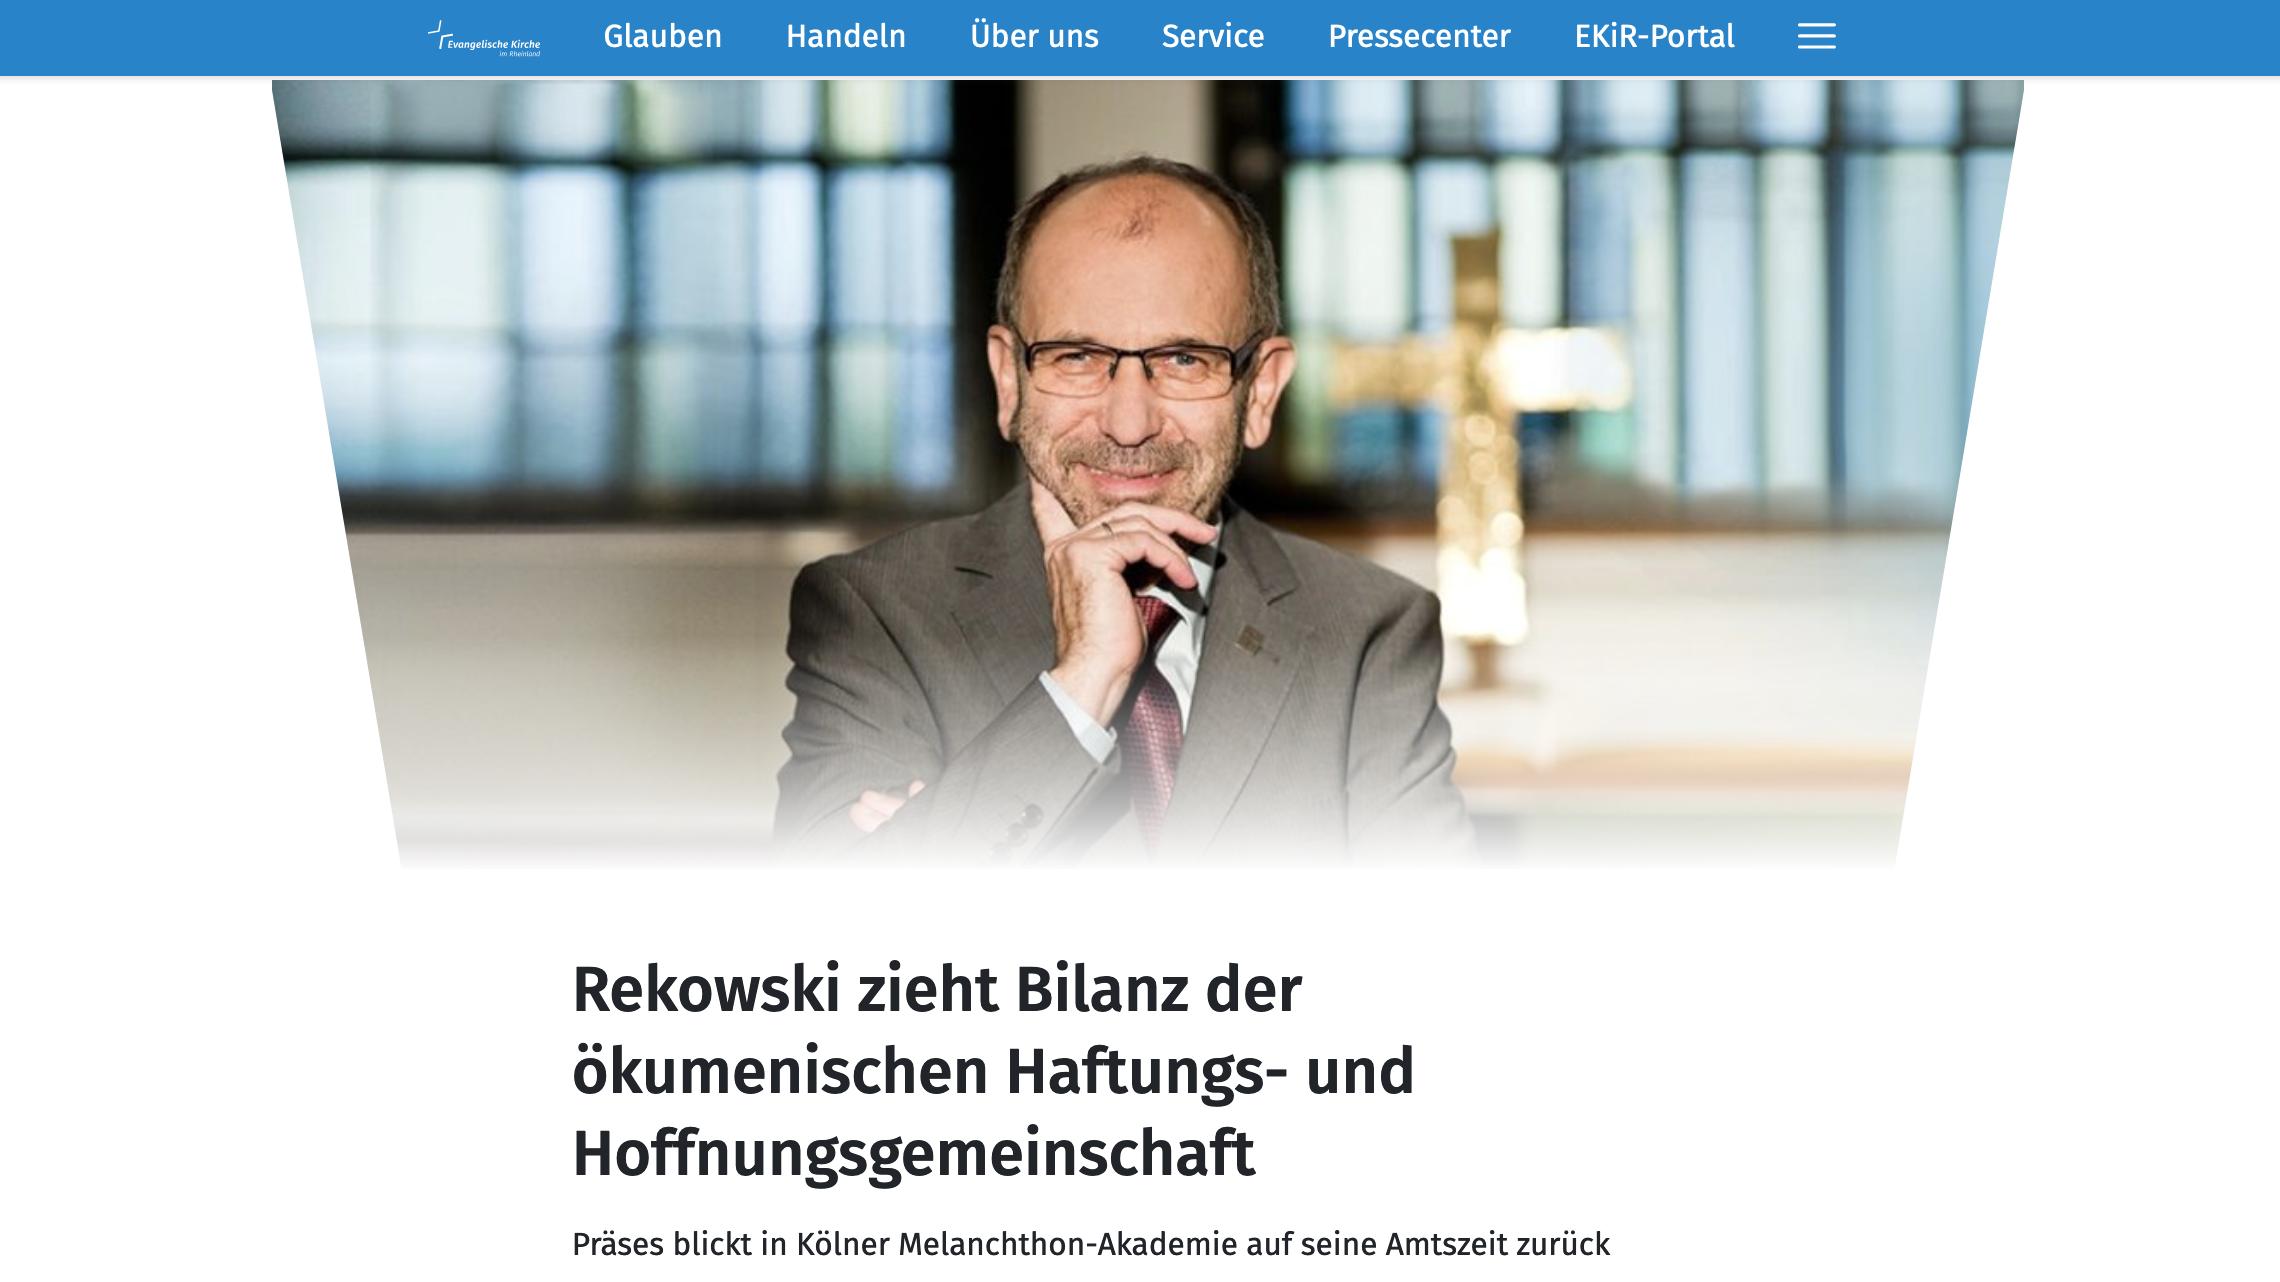 Rekowski zieht Bilanz der ökumenischen Haftungs- und Hoffnungsgemeinschaft am 10. März 2021